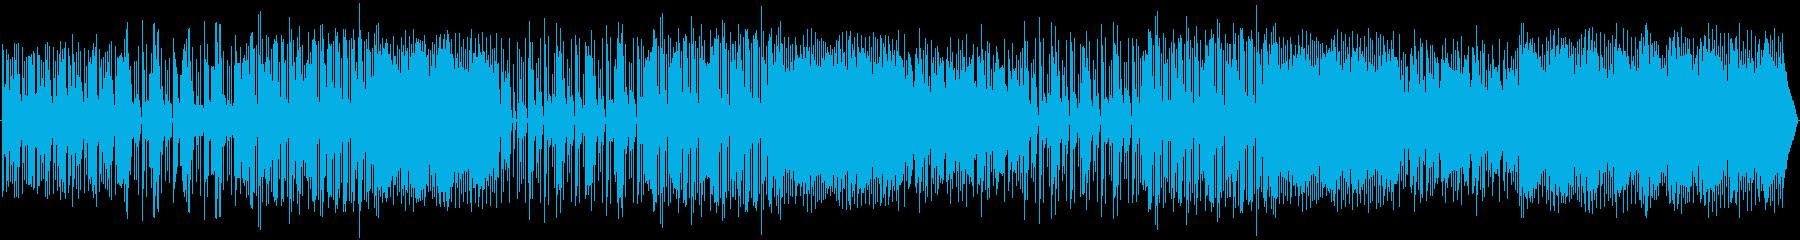 ピアノ、エレクトリック、アコーステ...の再生済みの波形